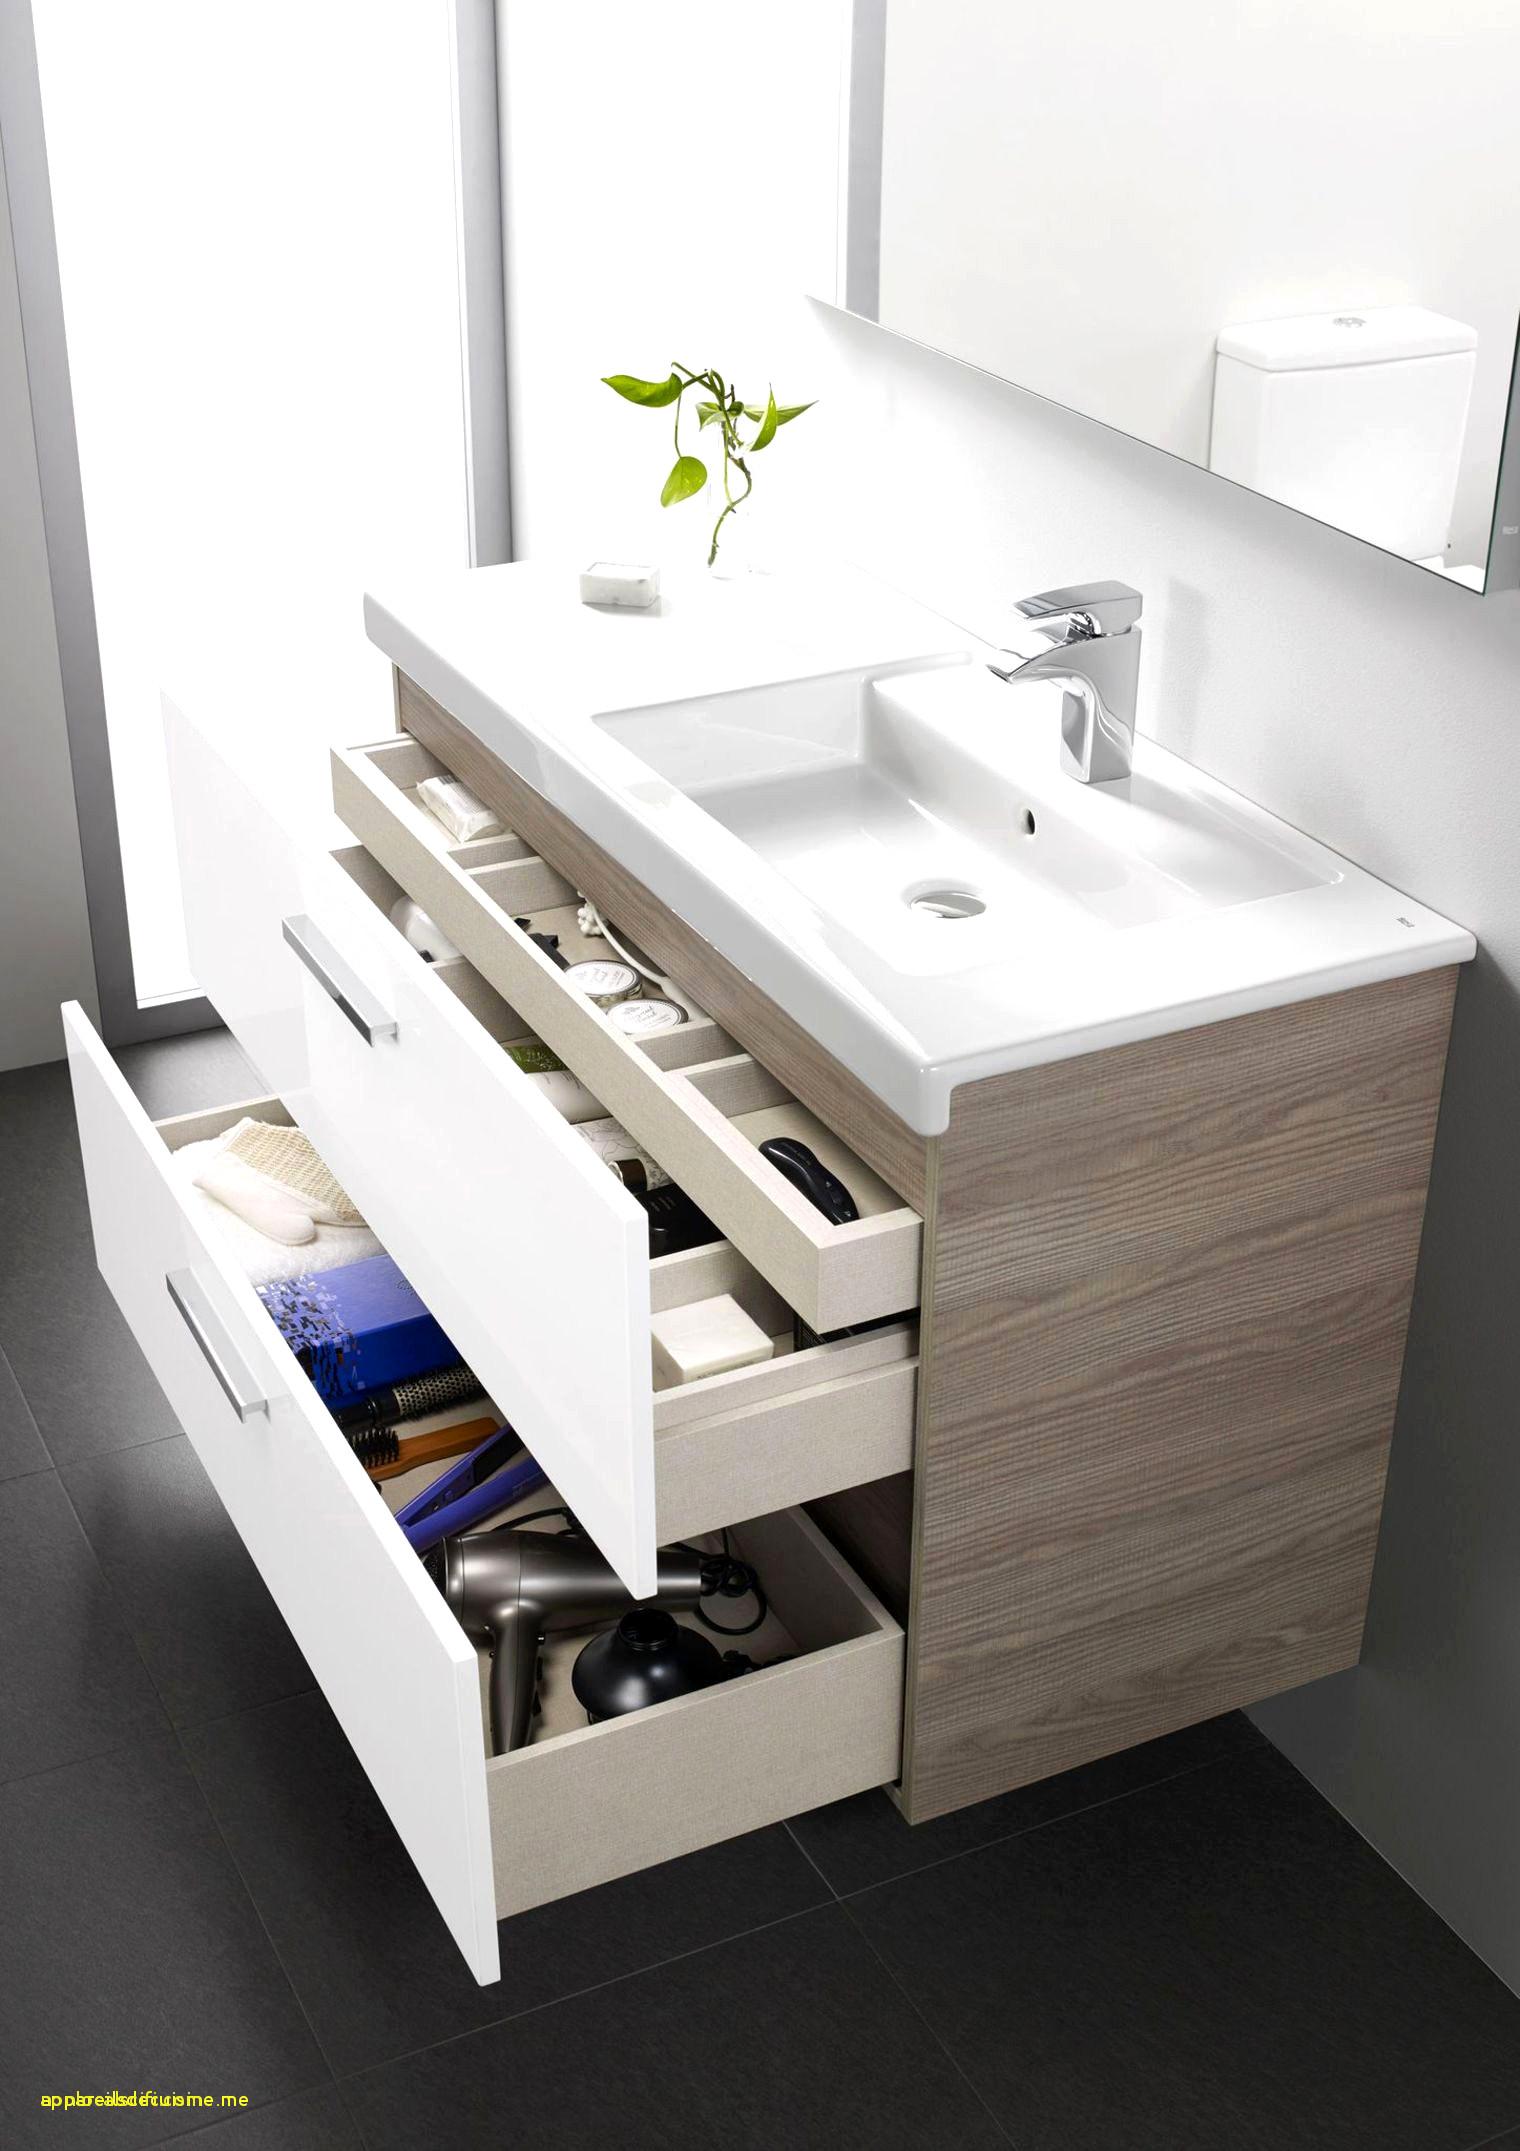 Meuble Salle De Bain Double Vasque Ikea Beau Photos Résultat Supérieur 100 Beau Evier Meuble Salle De Bain Graphie